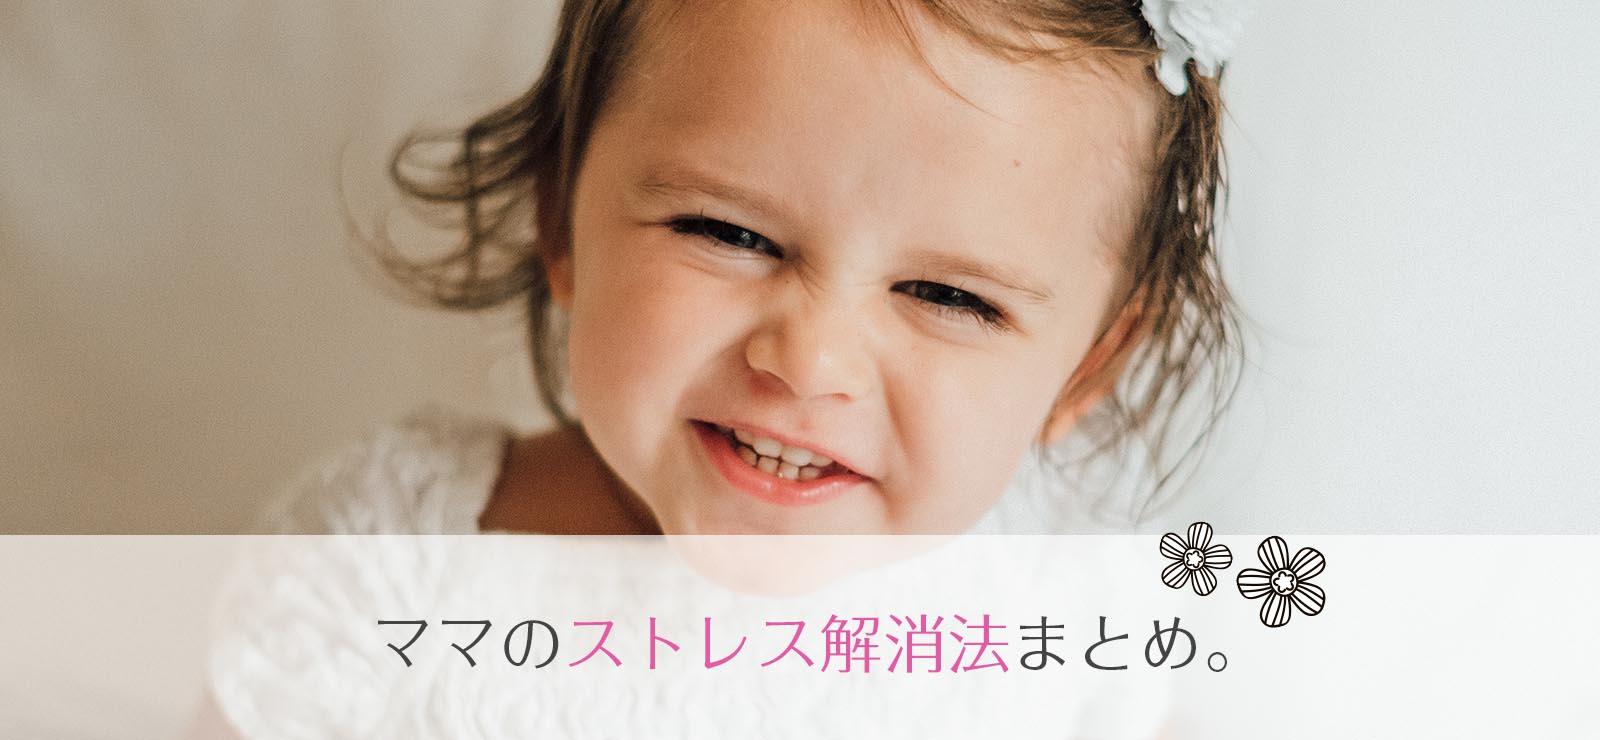 ママのストレス解消法まとめ。子供がいてもストレス発散する方法。